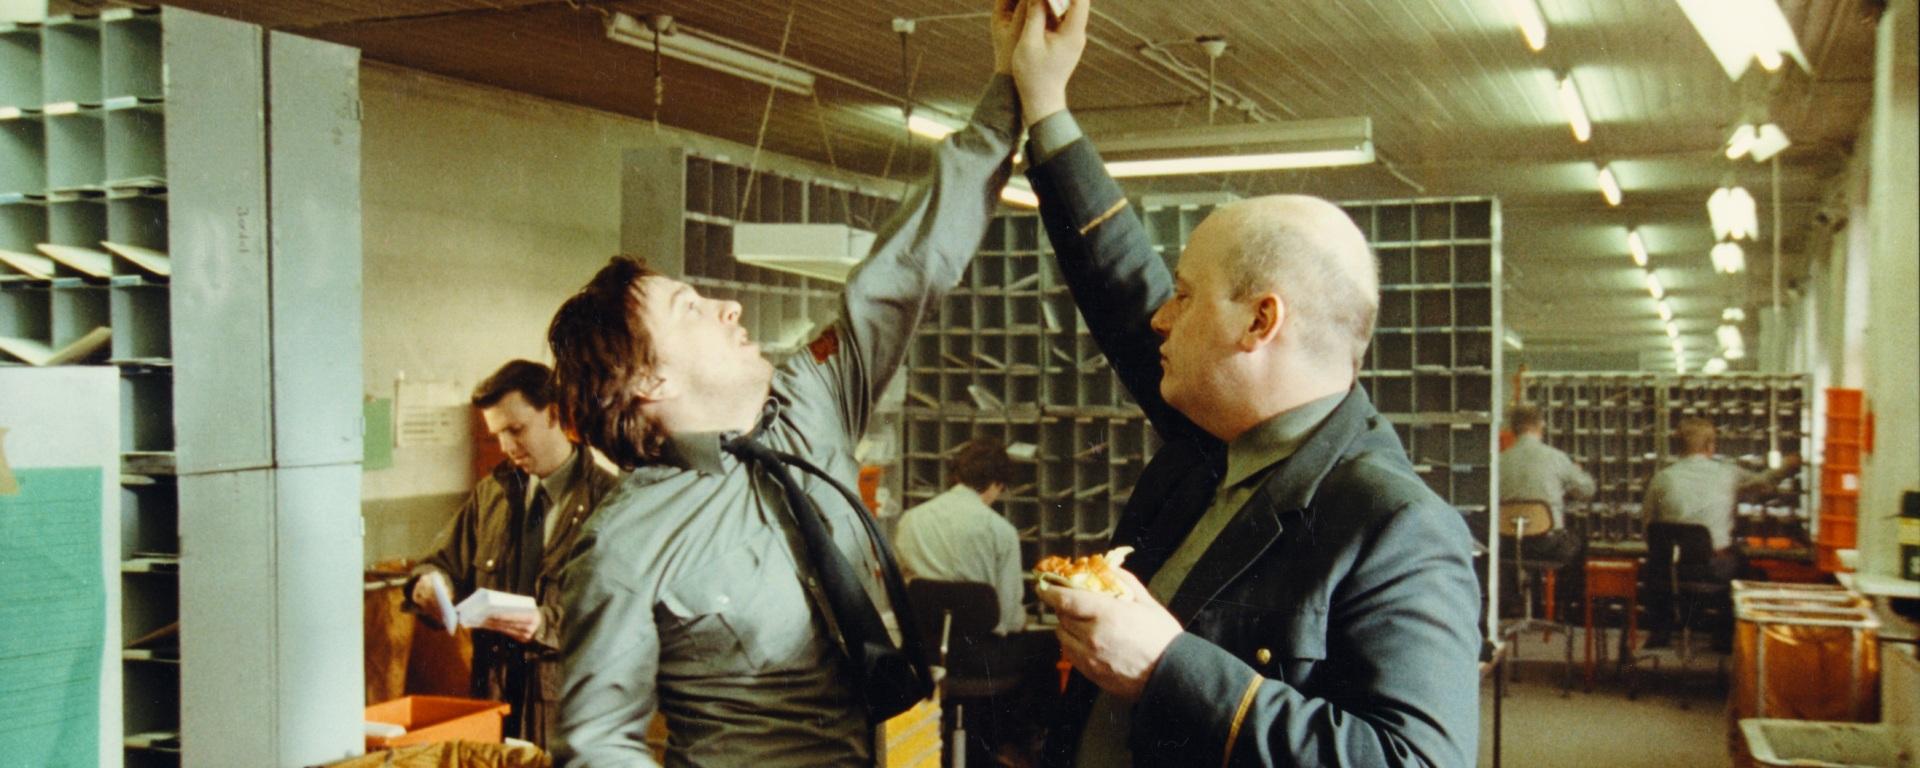 Posta celere - CineFatti, Recensione